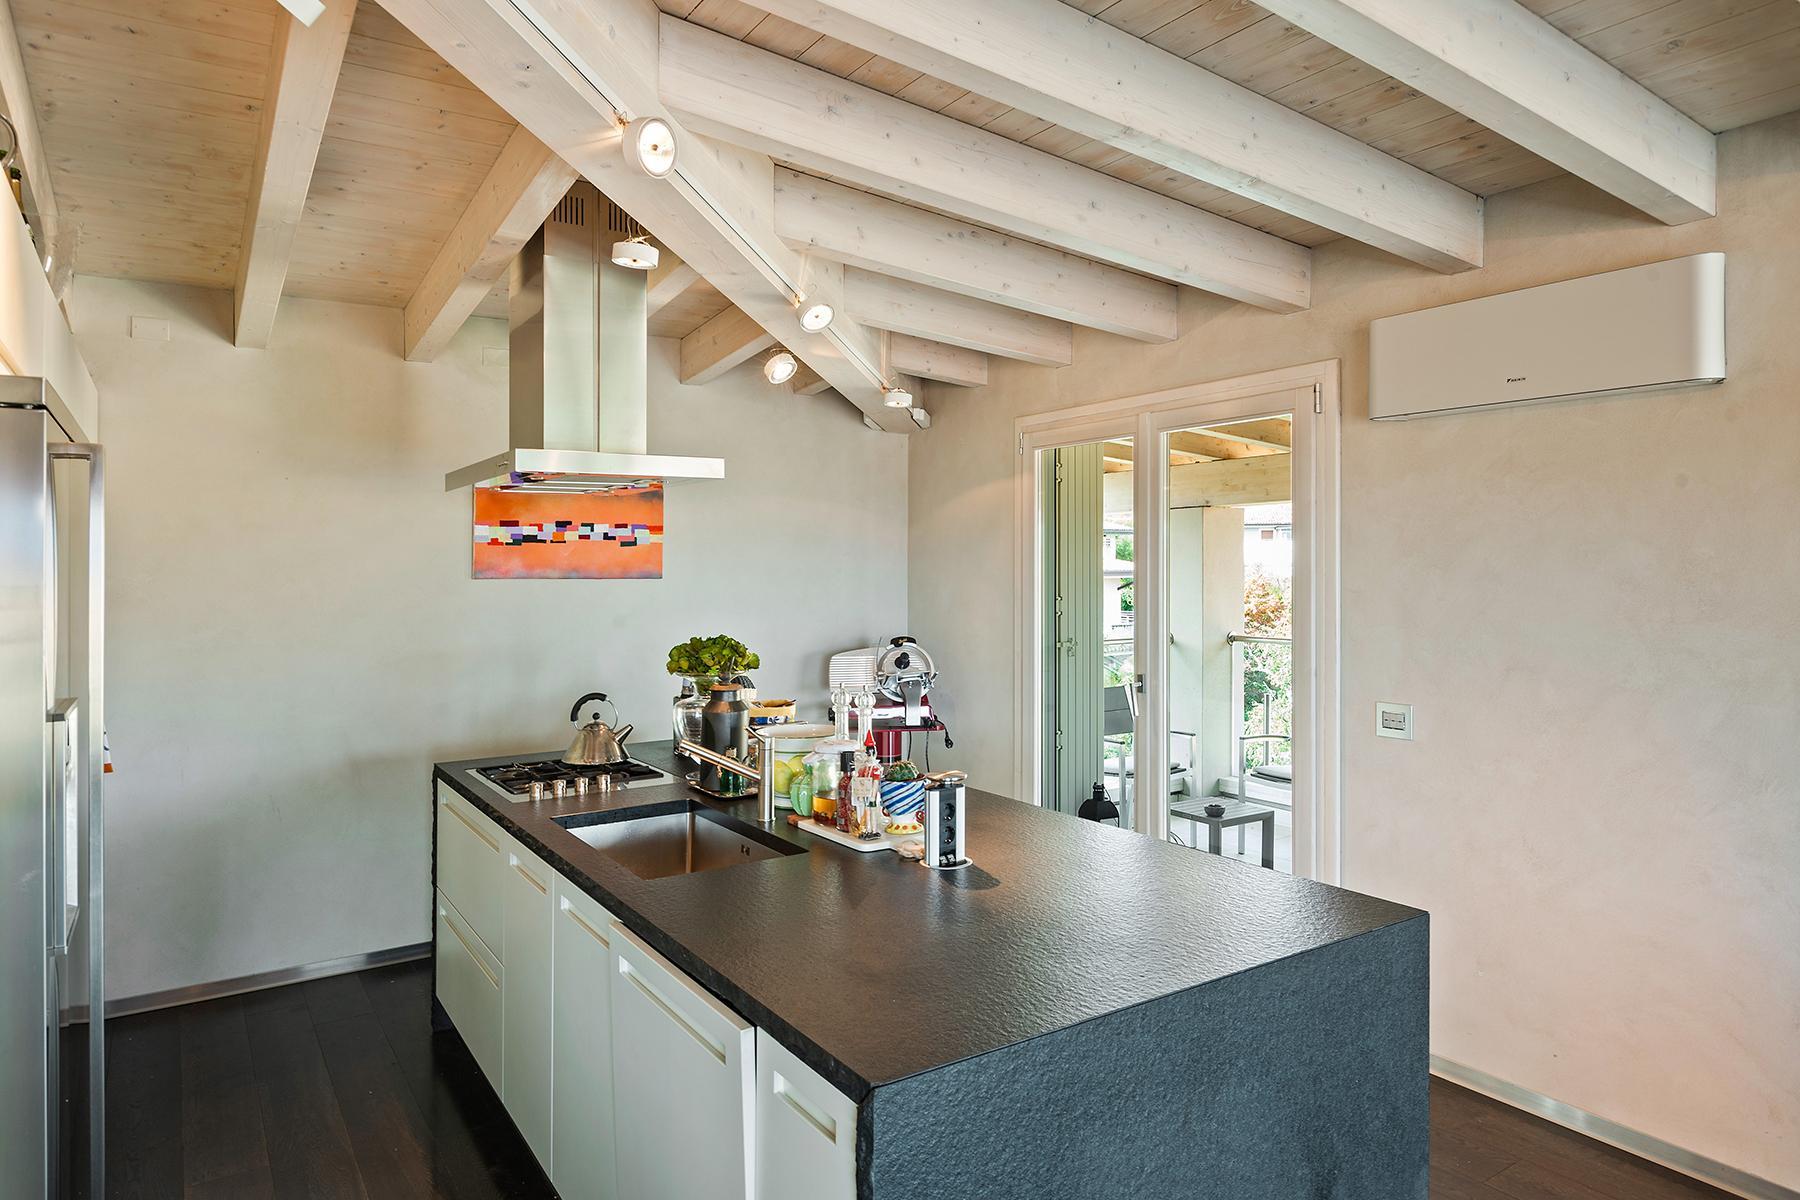 Magnifique penthouse ex duplex avec vue panoramique - 4